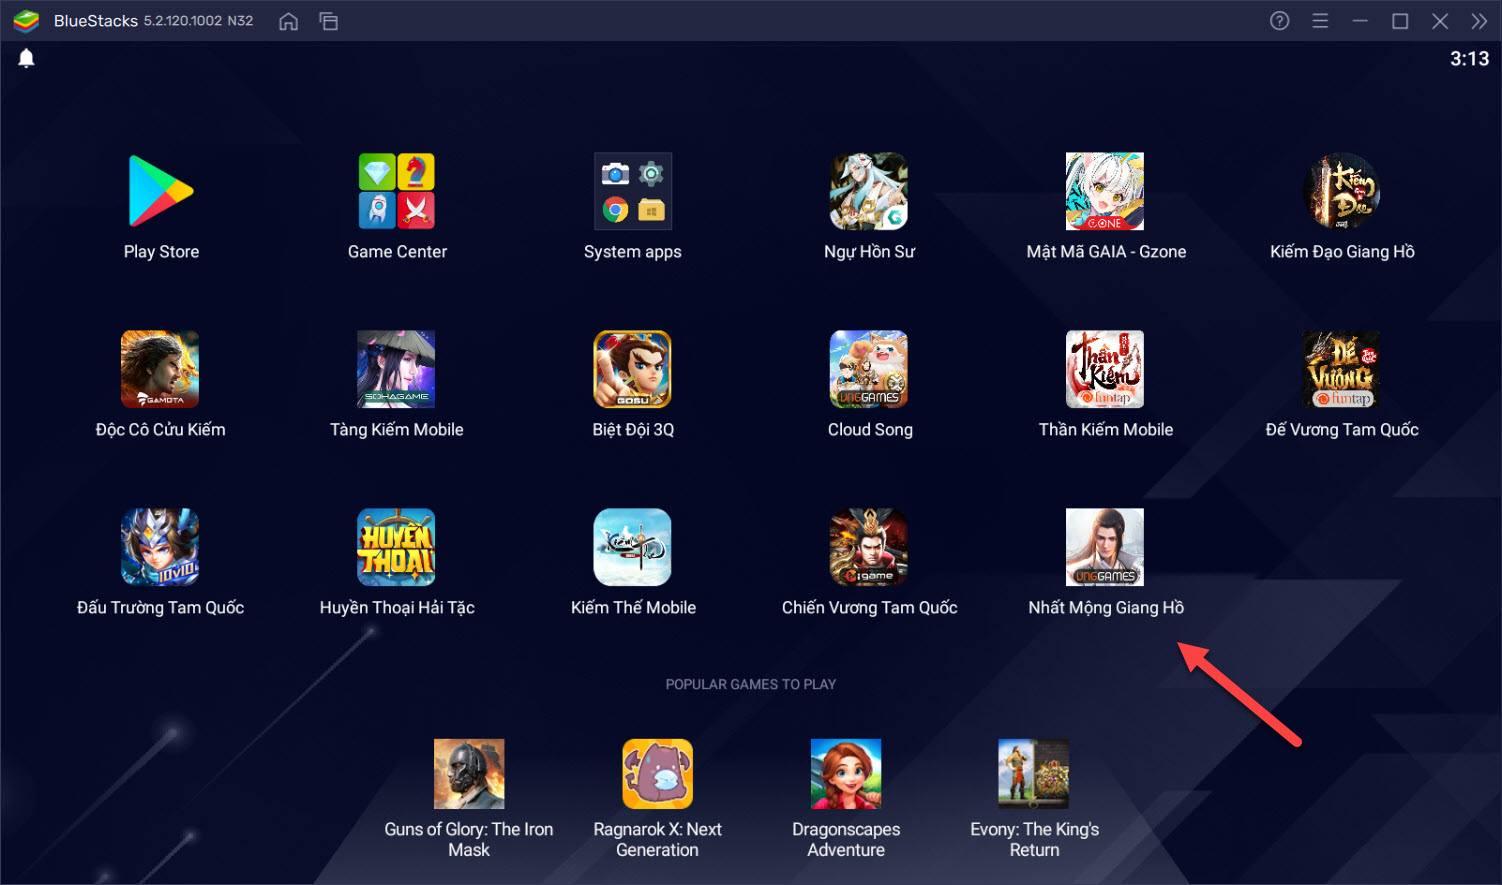 Trải nghiệm siêu phẩm game 3D Nhất Mộng Giang Hồ trên PC cùng BlueStacks